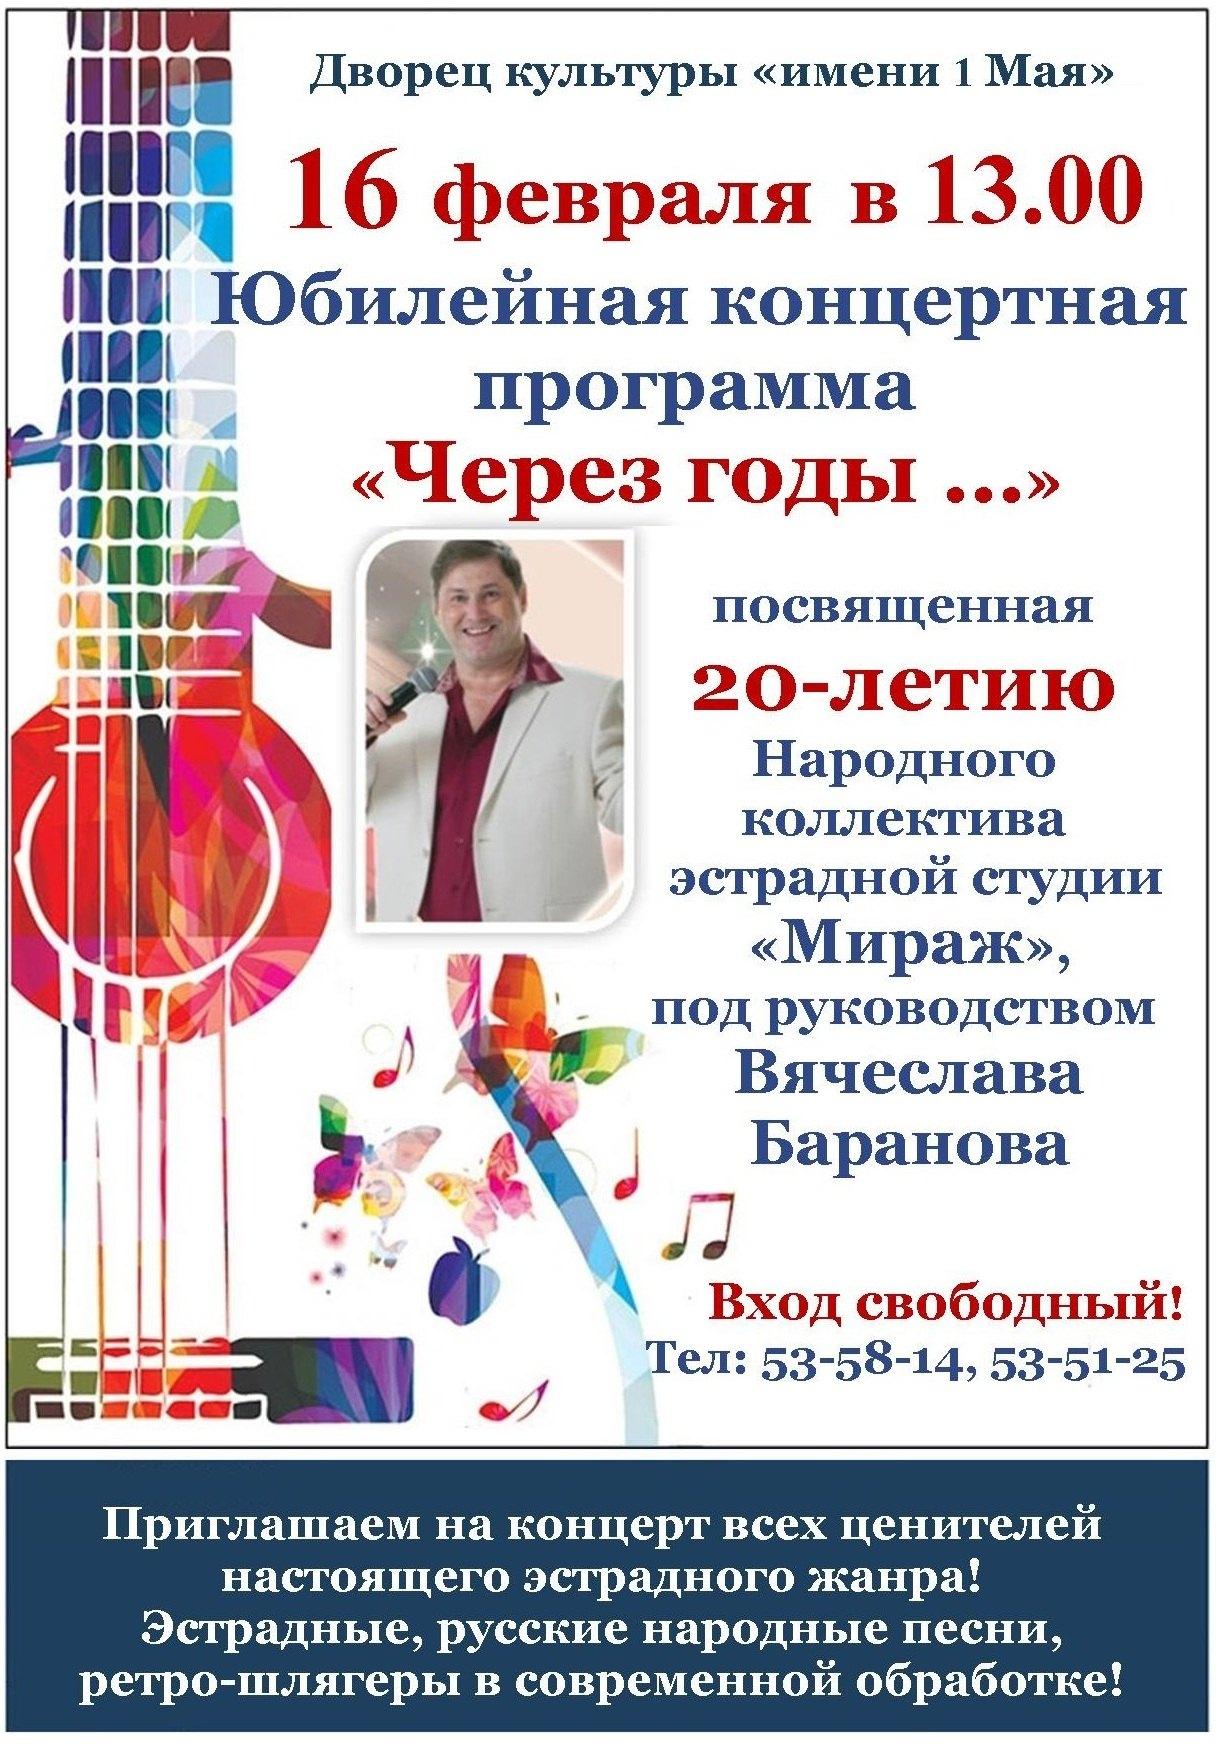 """Концертная программа """"Через годы..."""" @ ДК имени 1 мая"""